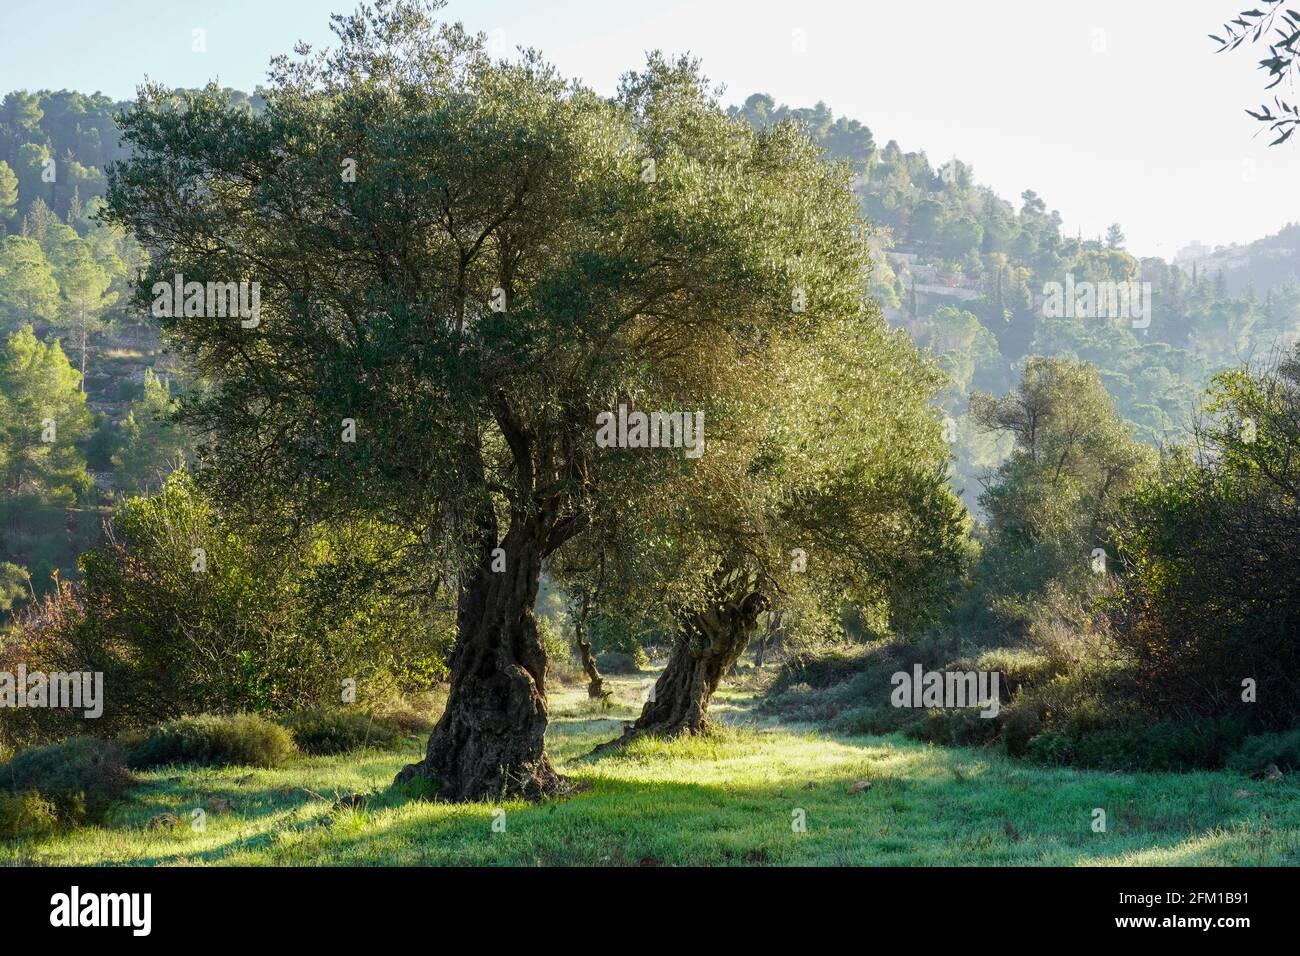 El tronco de un olivo viejo fotografiado en Sataf, Jerusalén, Israel Foto de stock